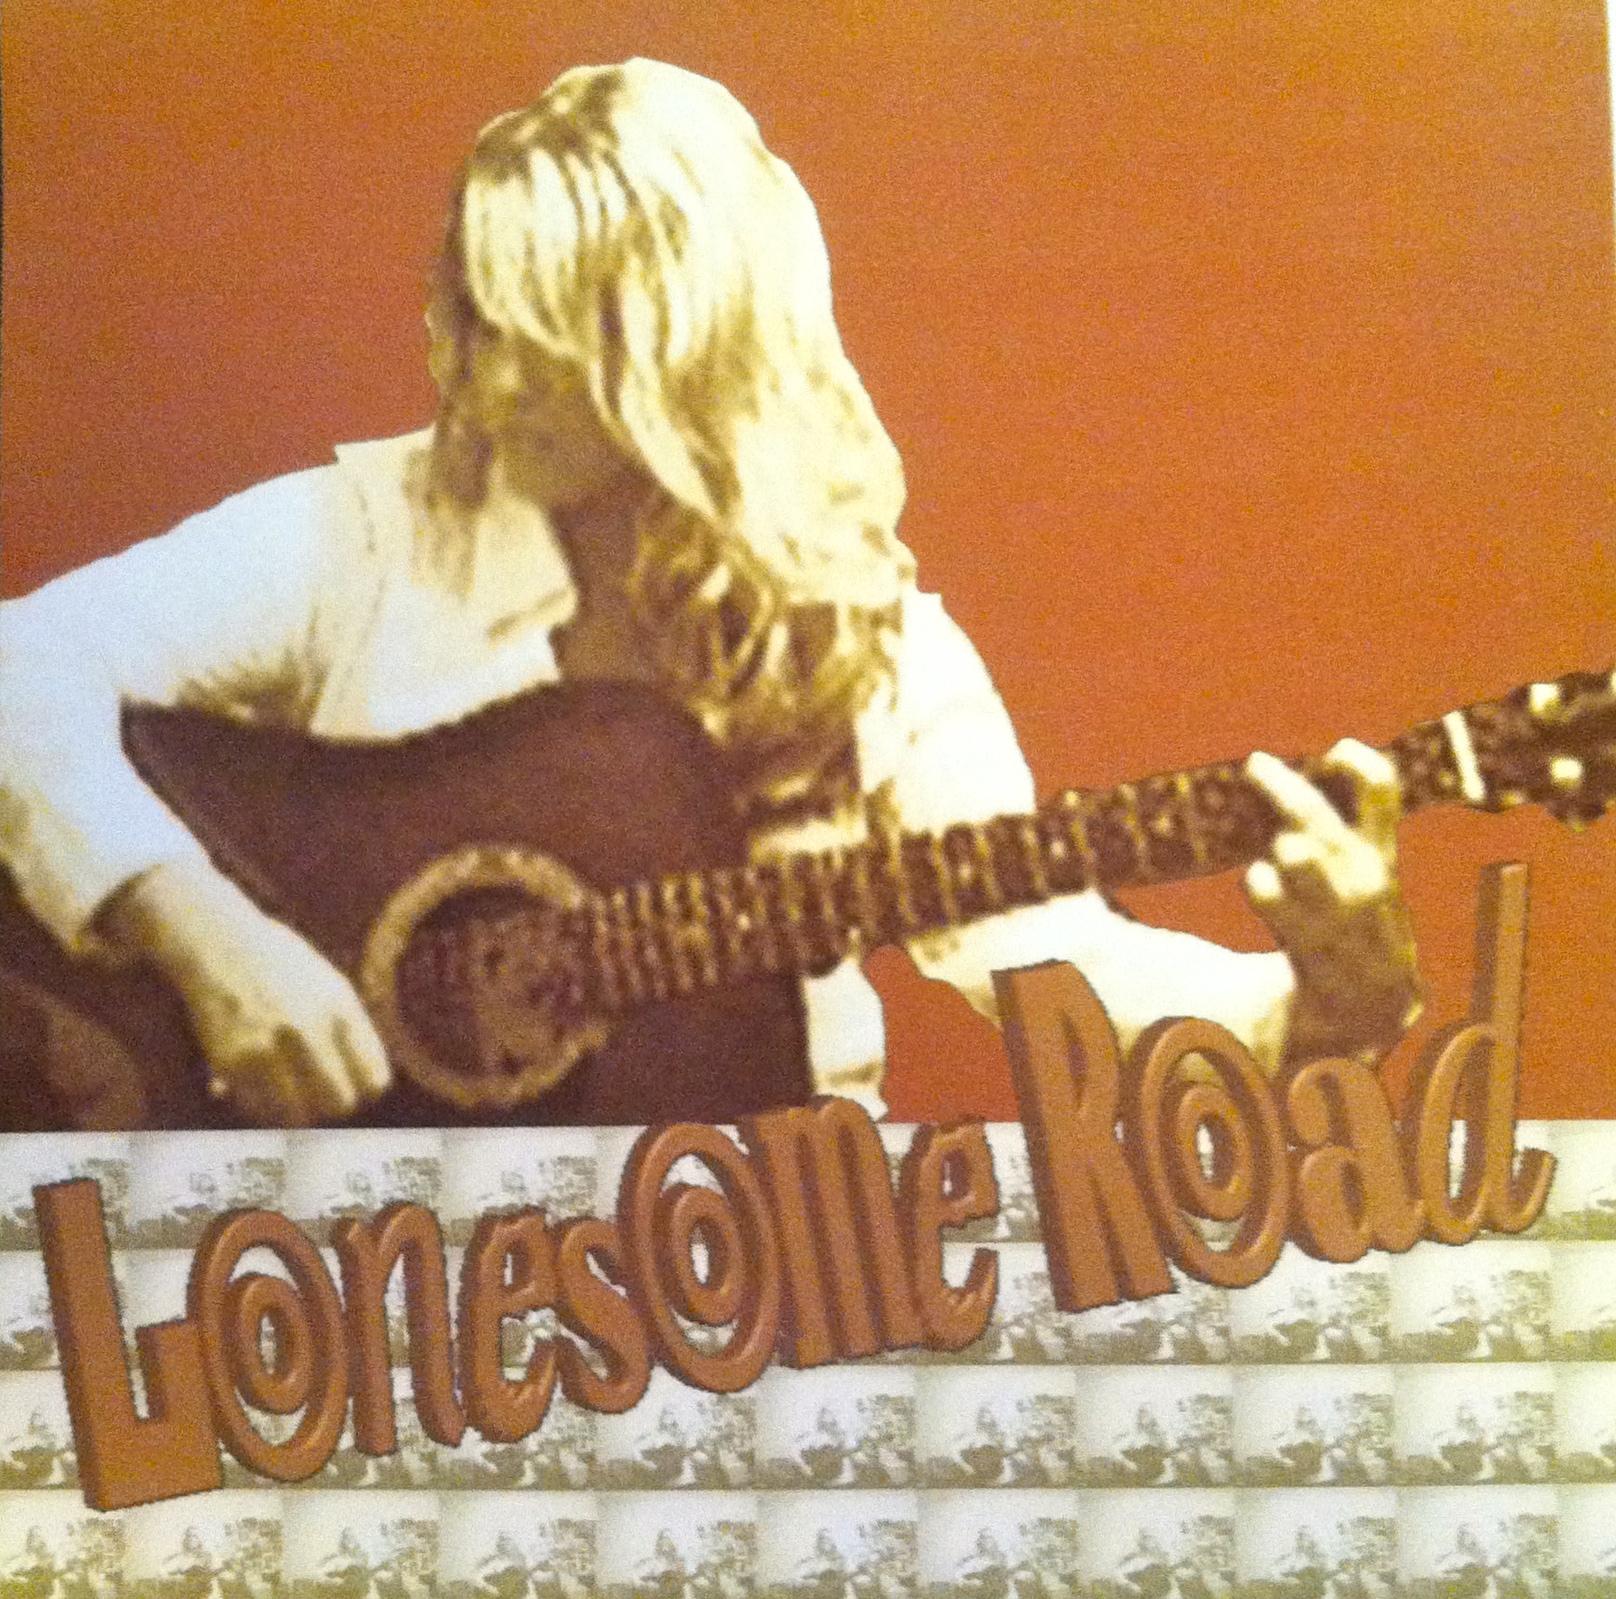 Album: Lonesome Road